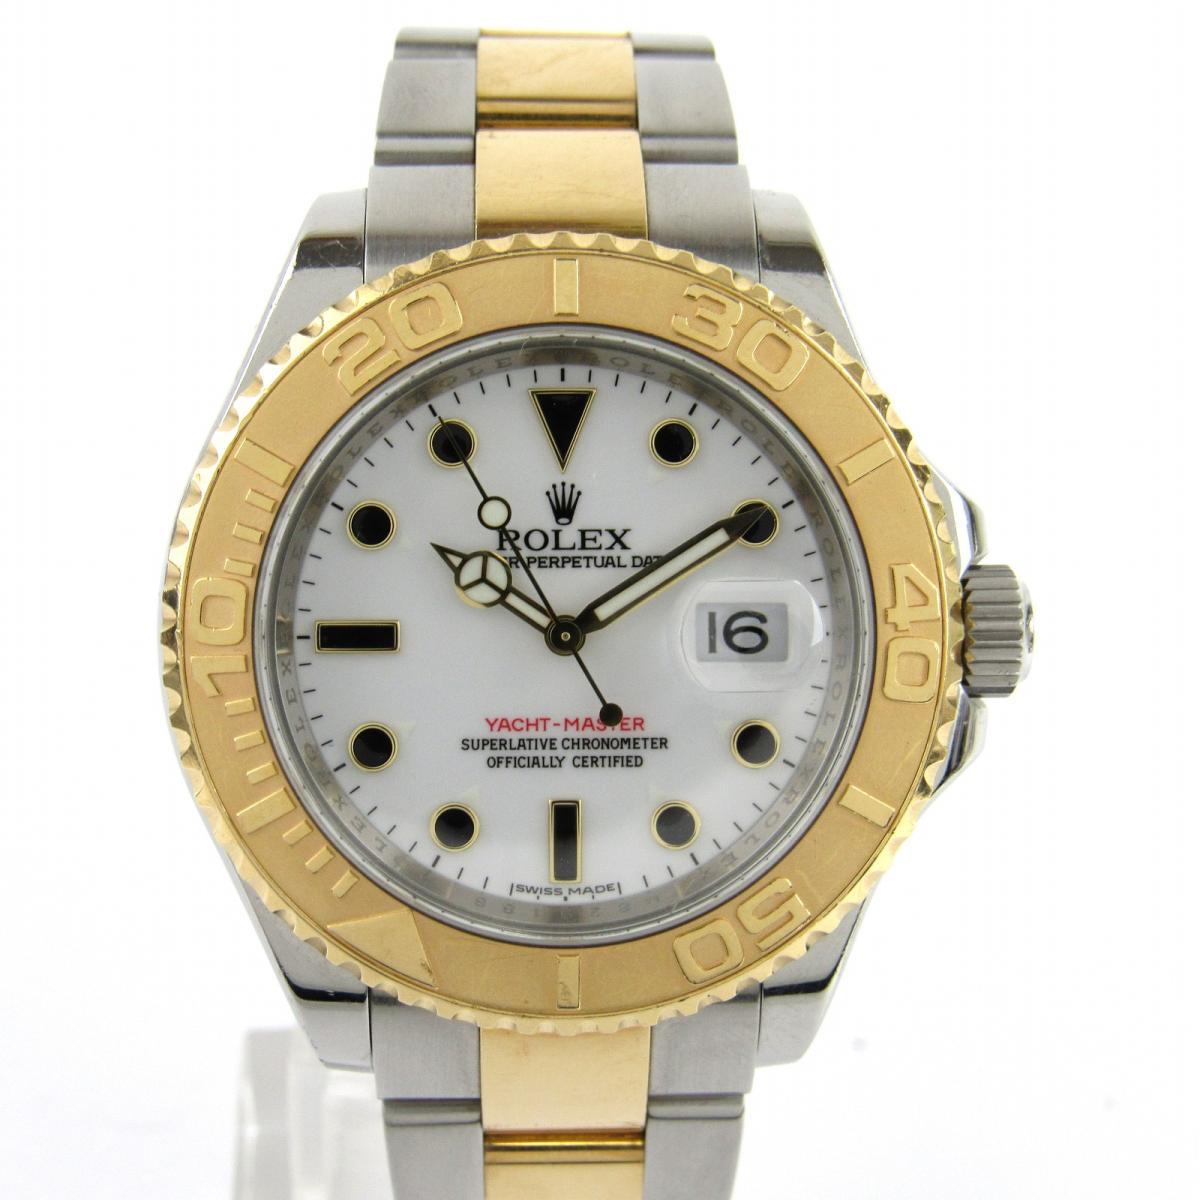 卸売 【】 ロレックス ヨットマスター ウォッチ 腕時計 時計 メンズ K18YG (750) イエローゴールドxステンレススチール (SS) (16623 M番) | ROLEX BRANDOFF ブランドオフ ブランド ブランド時計 ブランド腕時計, 草津町 ba98fbc0